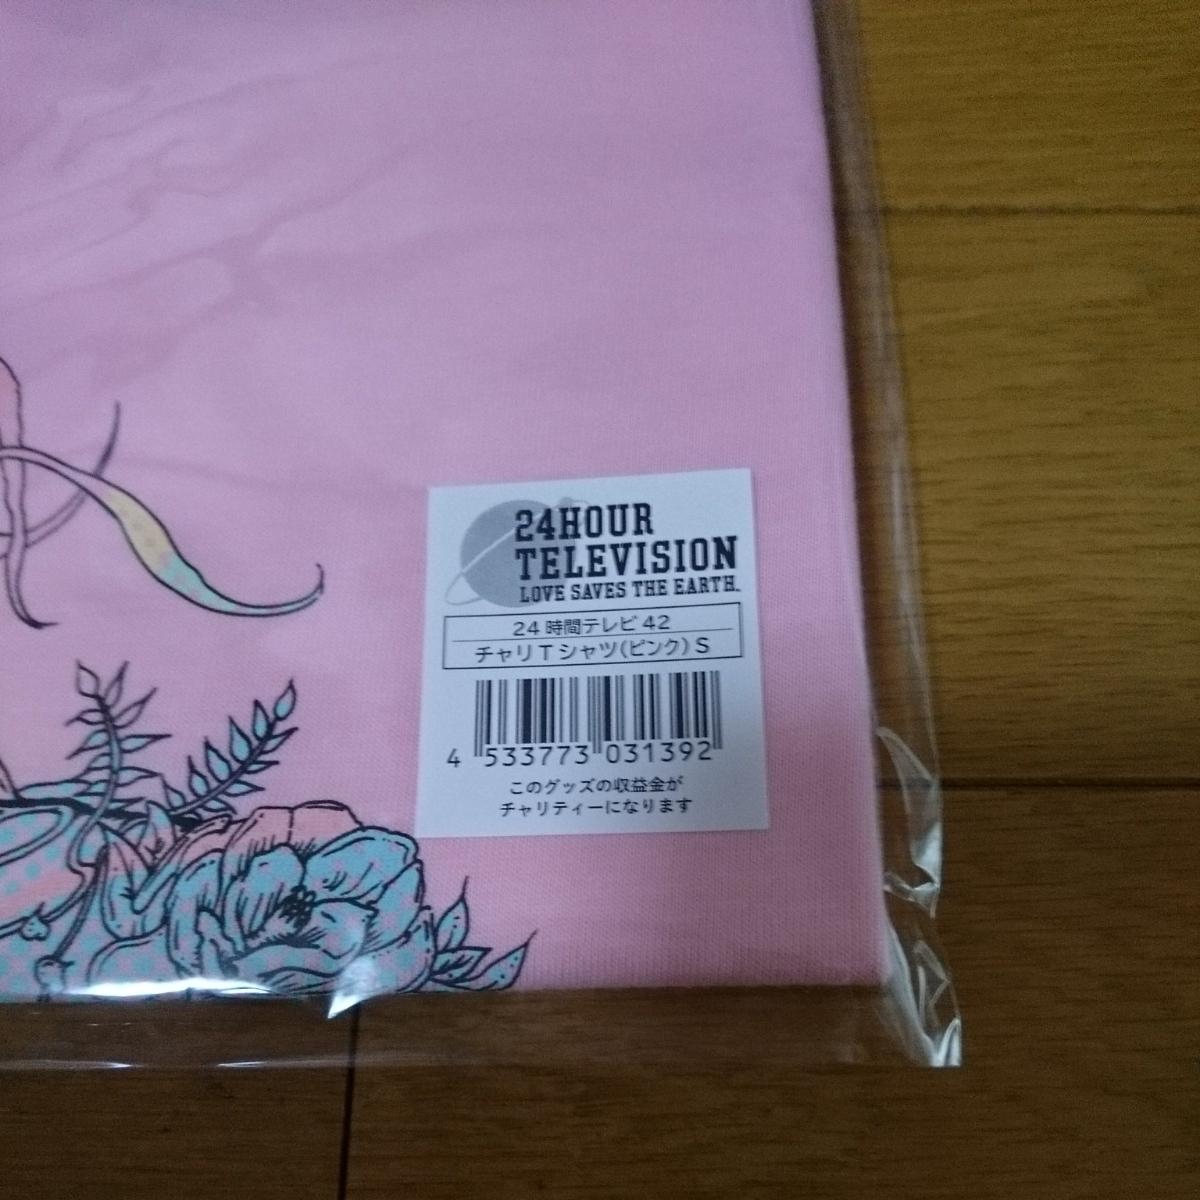 24時間テレビ Tシャツ ピンクSサイズ*2019年 嵐 大野智_画像3